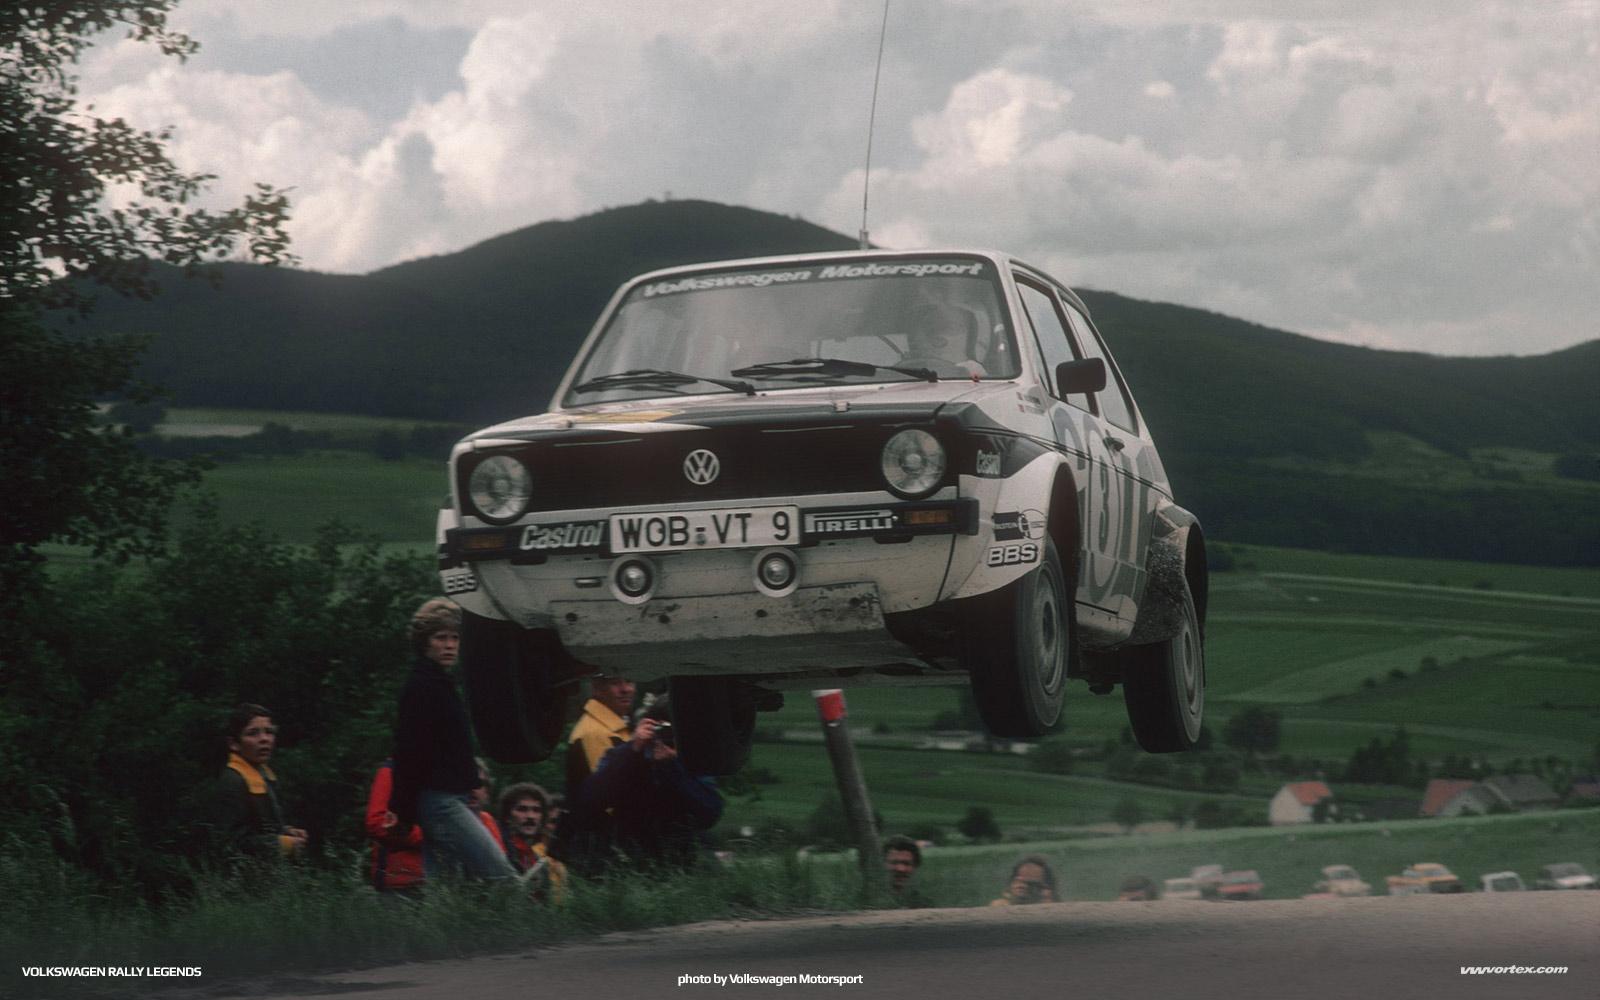 volkswagen-rally-legends-405